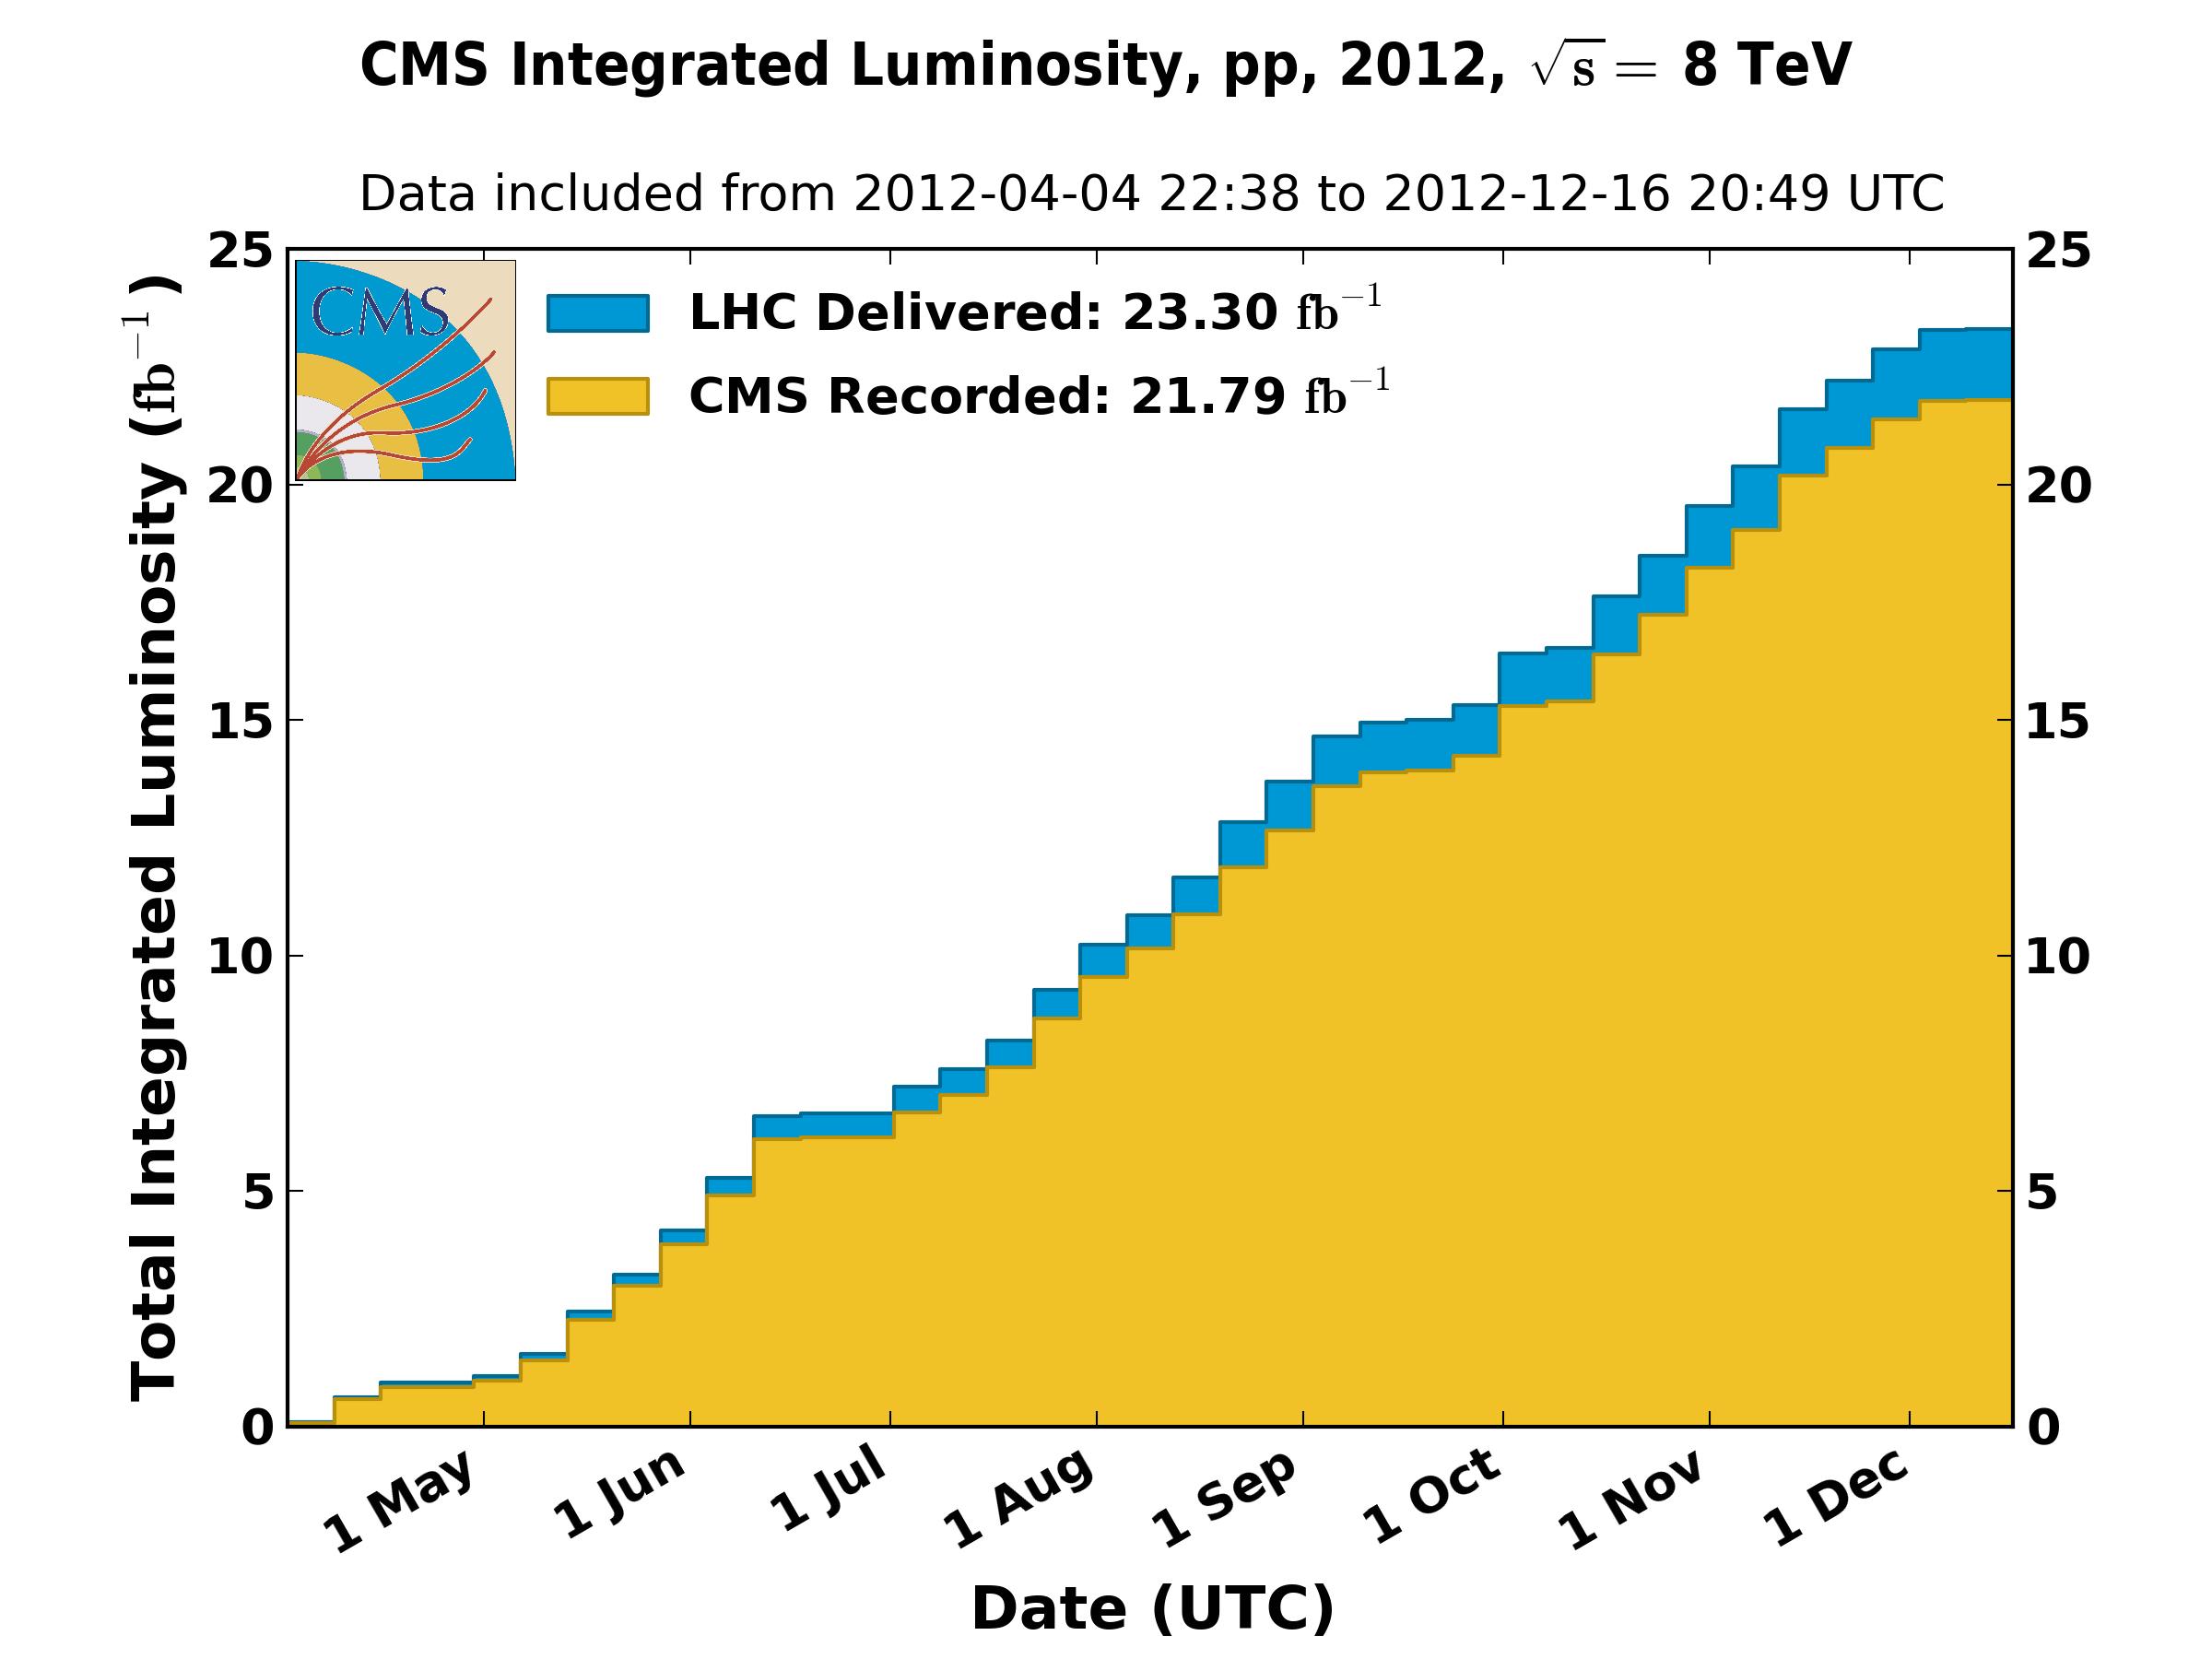 https://cern.ch/cmslumi/publicplots/int_lumi_per_week_cumulative_pp_2012.png